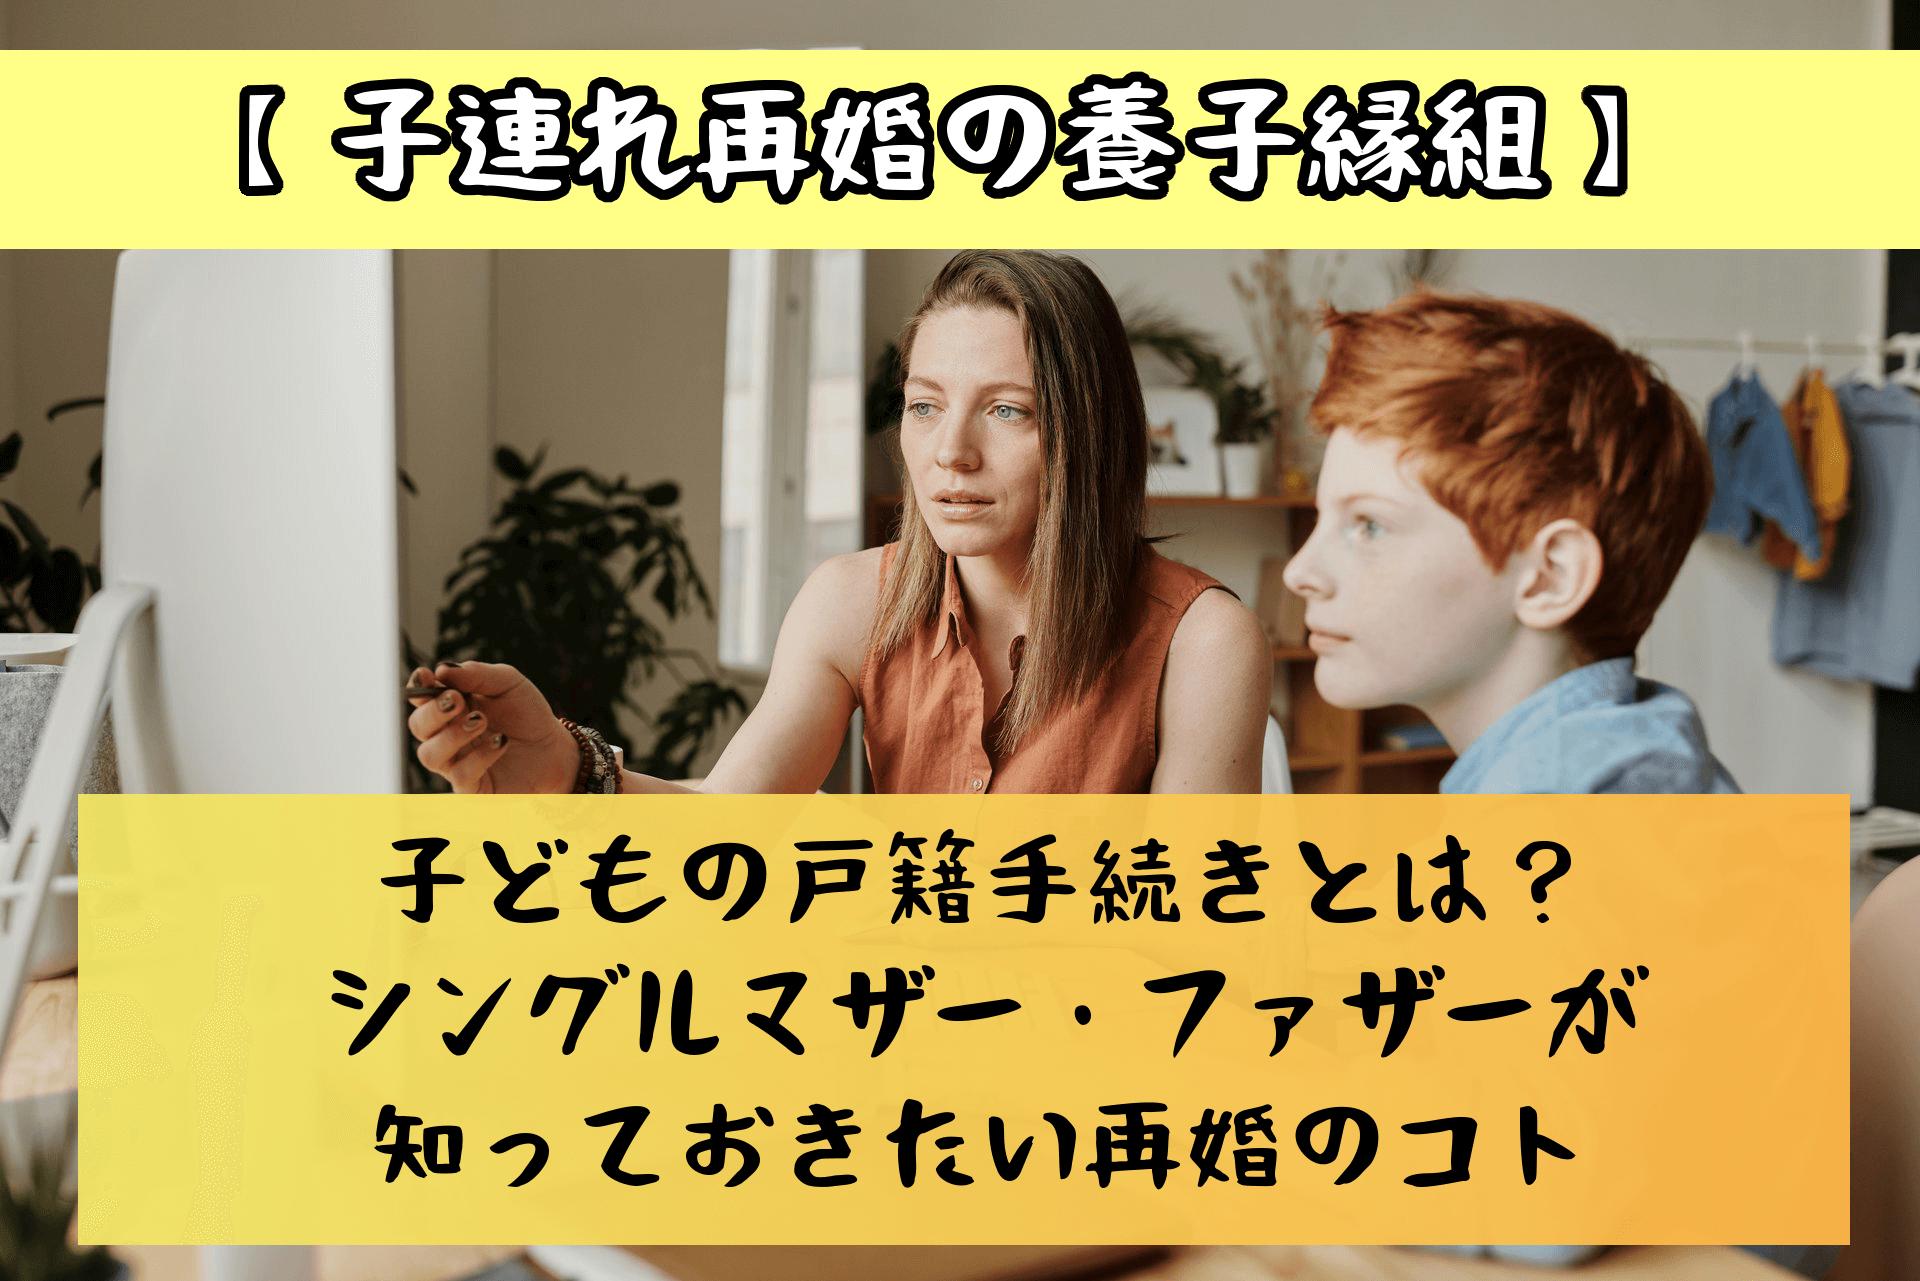 【子連れ再婚の養子縁組】子どもの戸籍手続きとは?シングルマザー・ファザーが知っておきたい再婚のコト